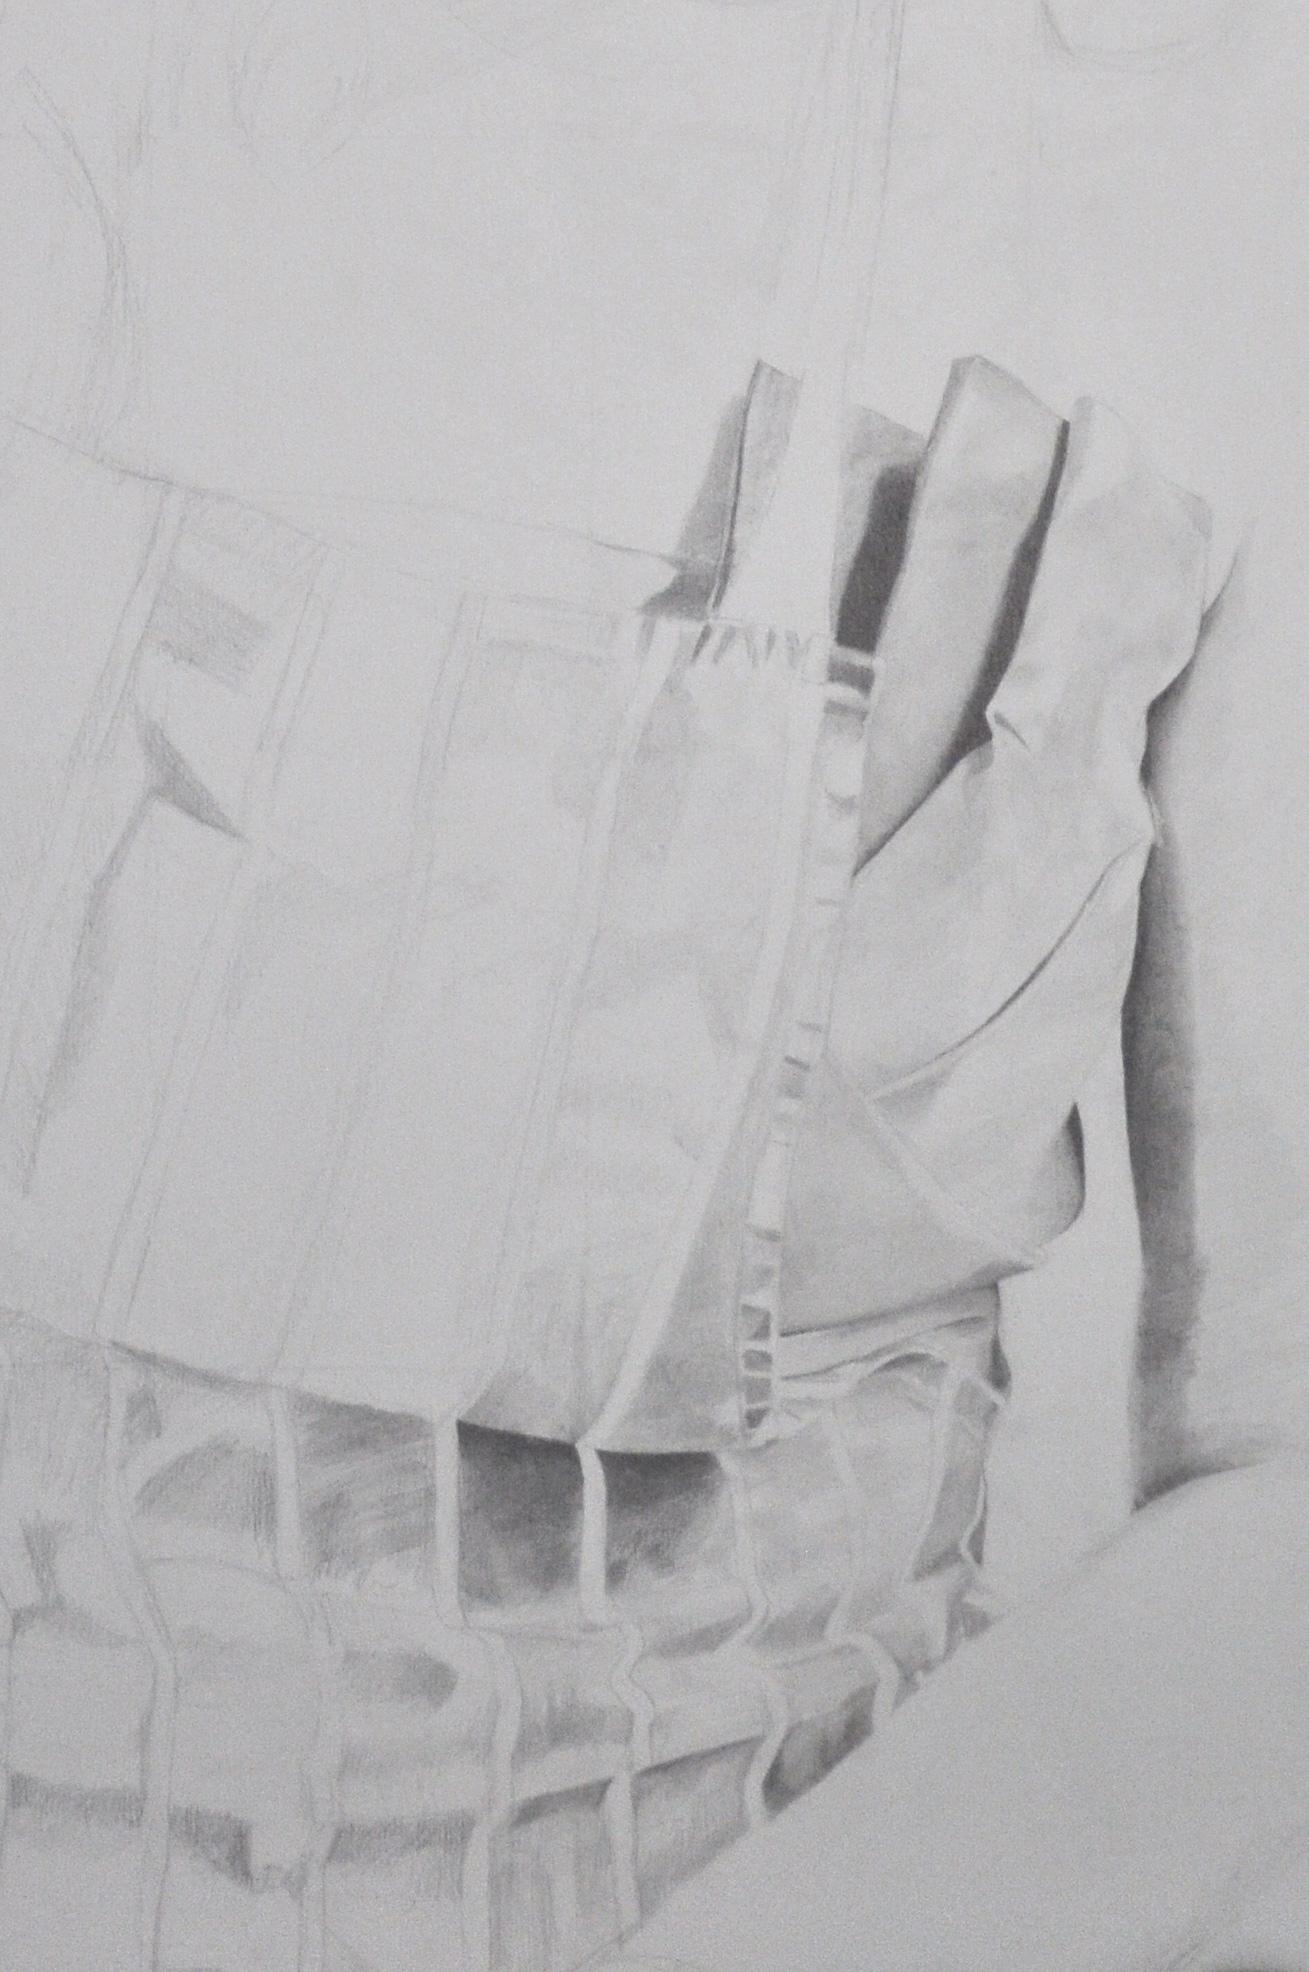 White apron hours - Detail Pencil Portrait Progress Jess In Apron 20 Hours